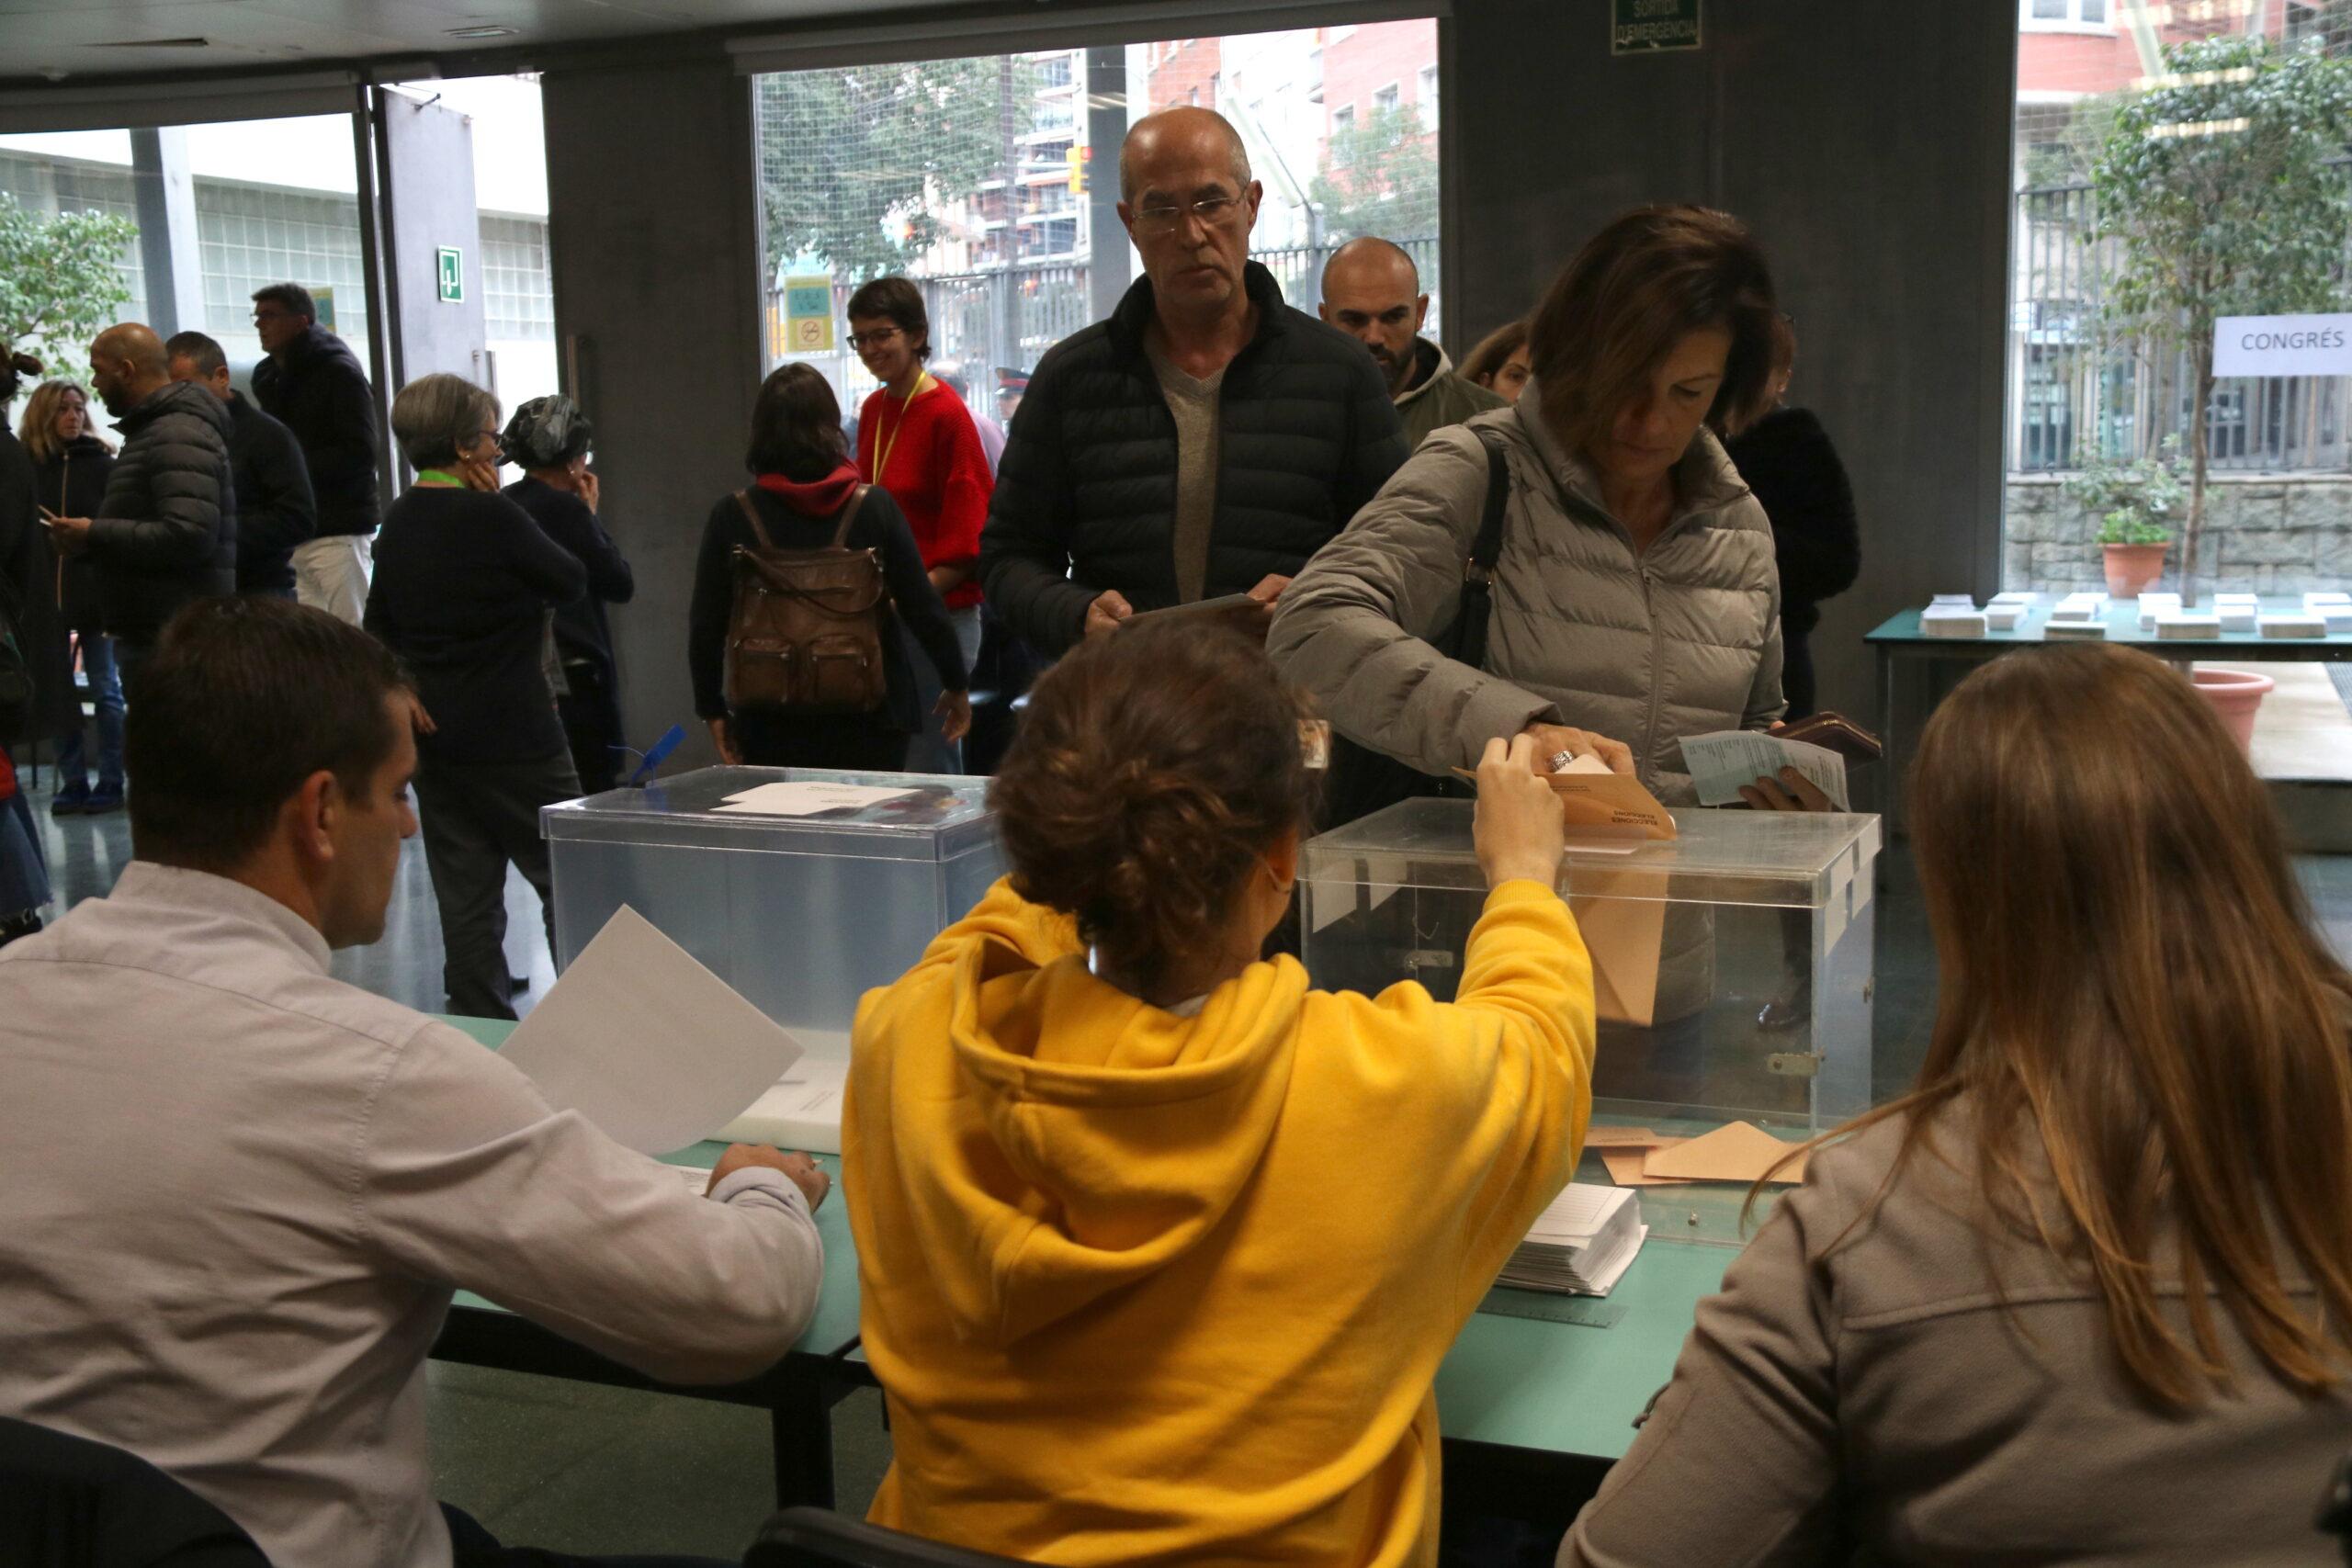 Pla general d'una mesa electoral a l'EOI Sant Gervasi, el 10 de novembre de 2019